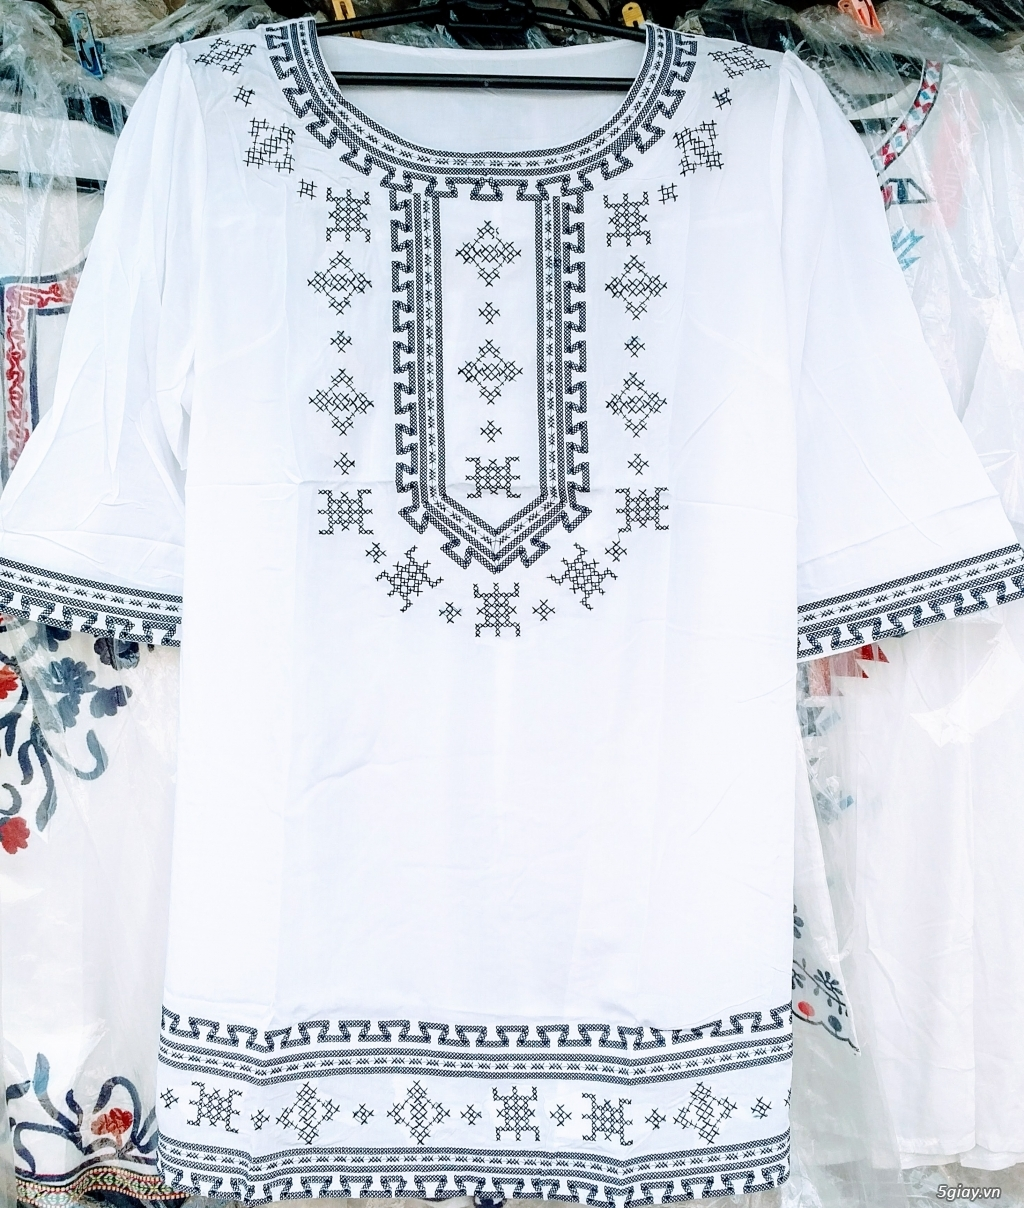 Thời trang nữ trung niên CHÂU( đợt 30): Tuyển tập mẫu áo font vừa, dài - 4